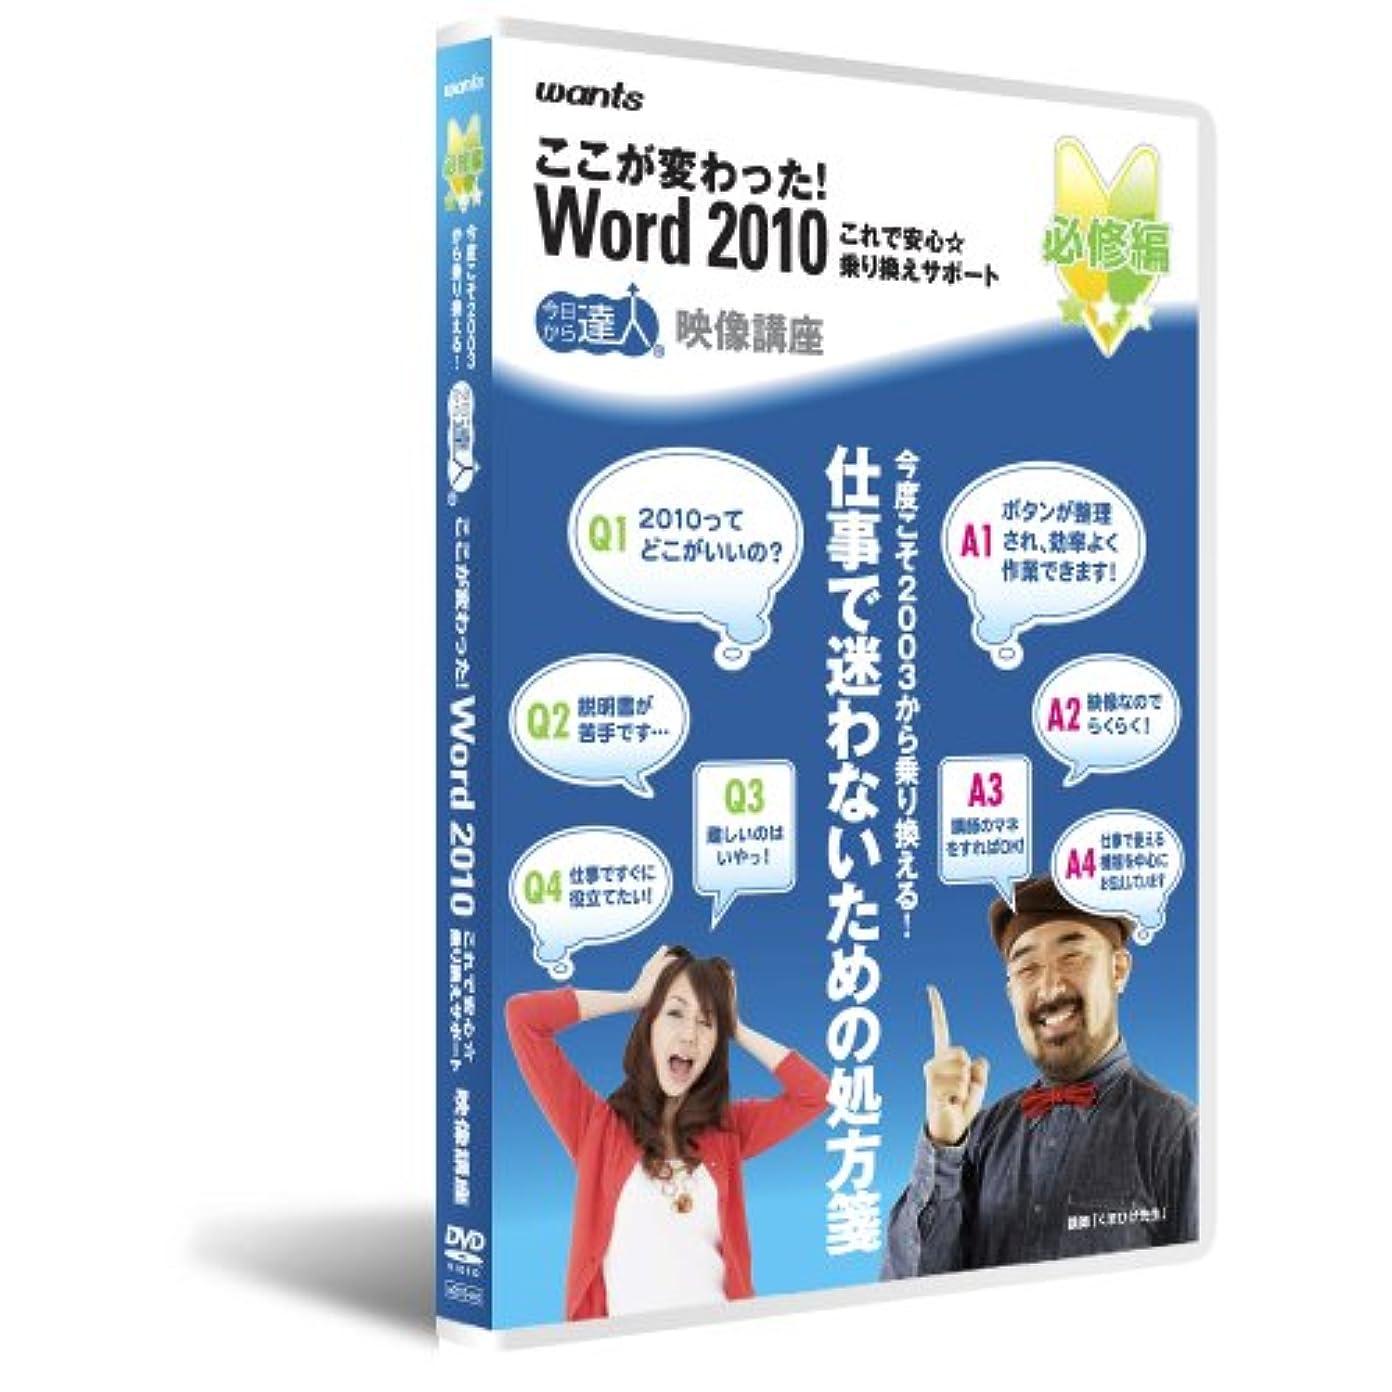 喜ぶ果てしないハチここが変わった! Word 2010 ~ これで安心☆乗り換えサポート~